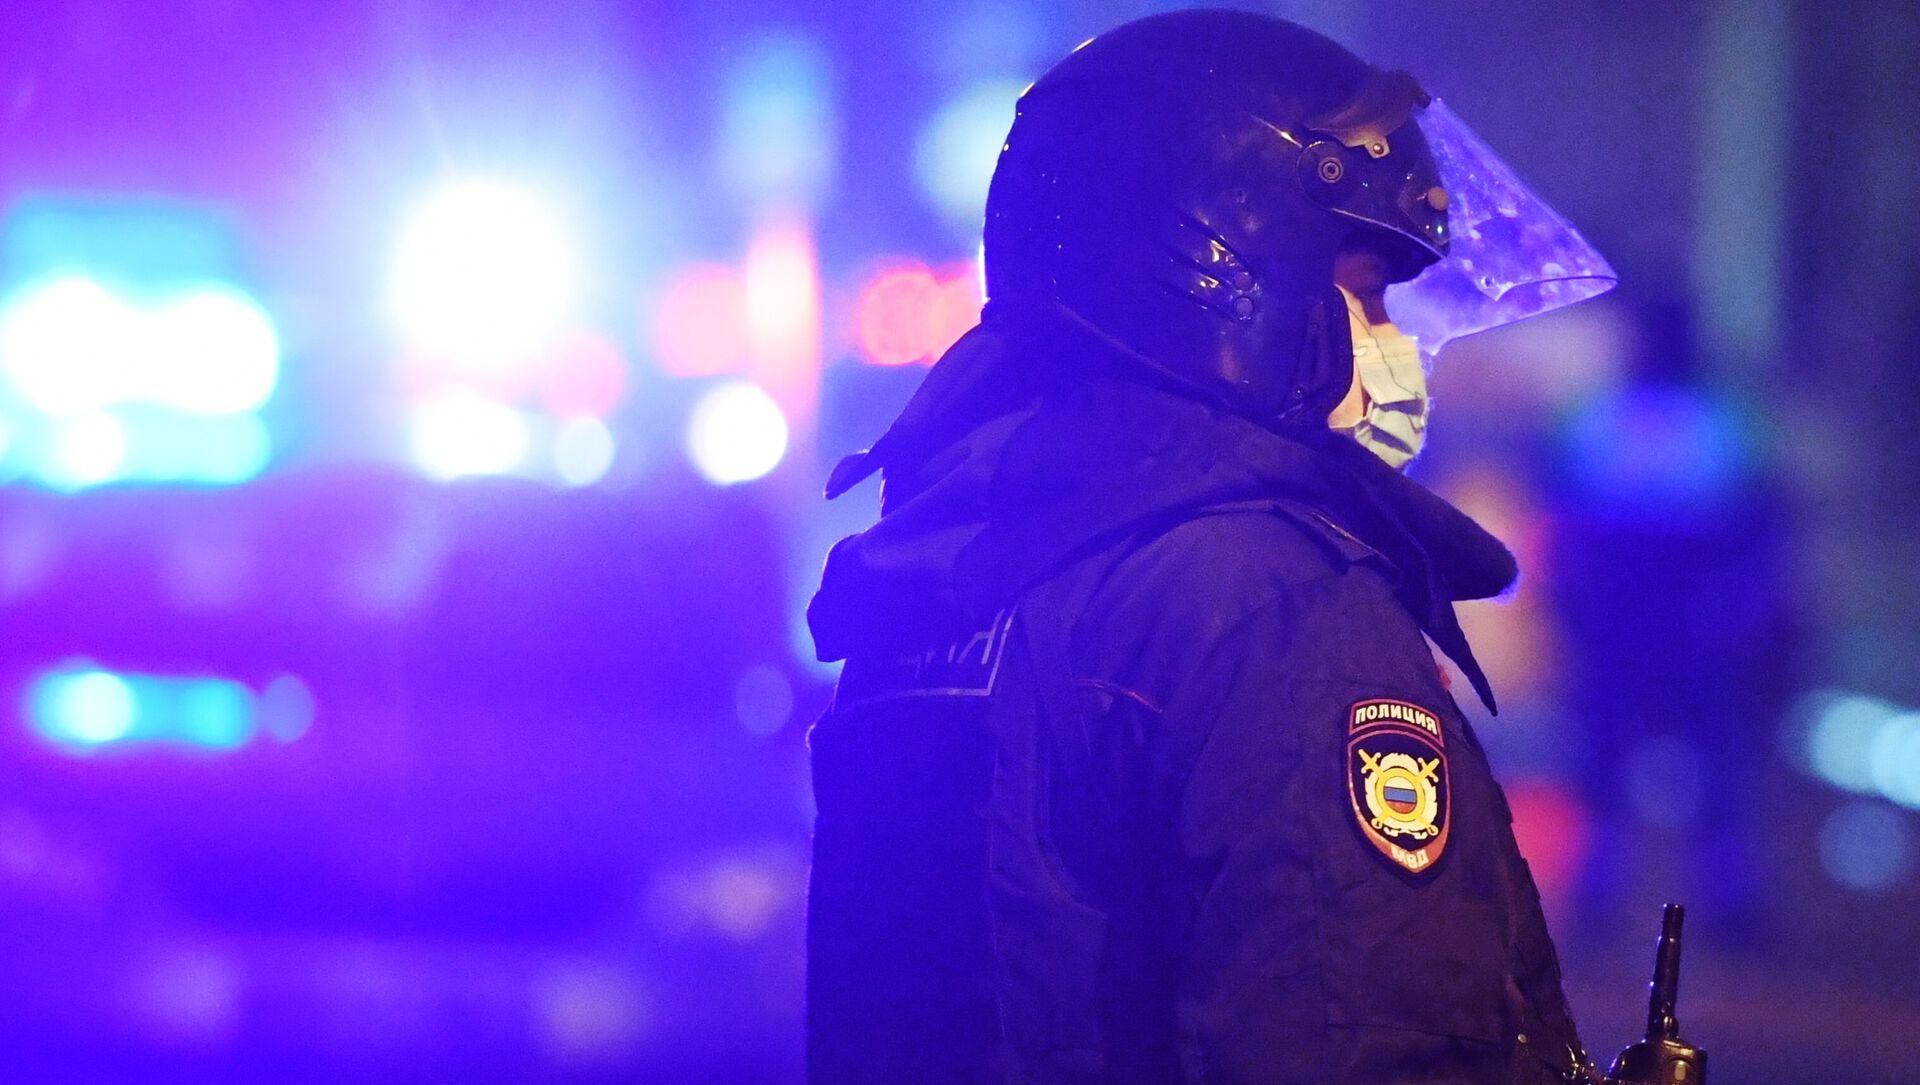 Un agente di polizia russa - Sputnik Italia, 1920, 11.02.2021